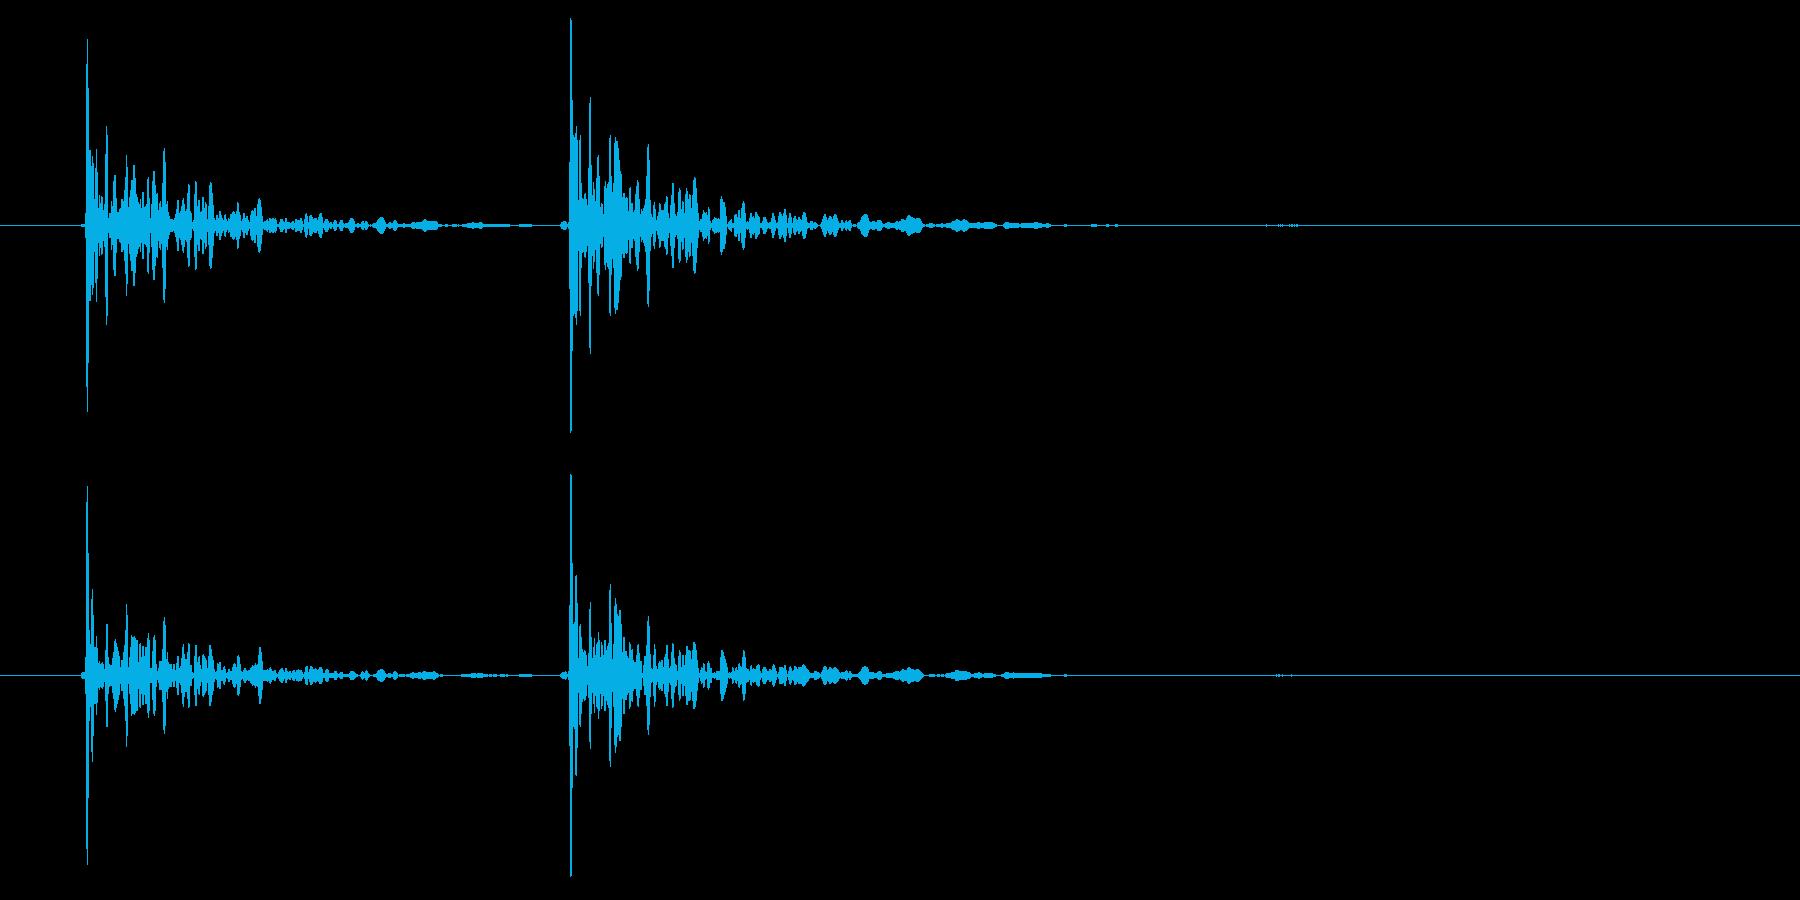 恐怖シリーズ6.ノック音(木製2回)の再生済みの波形